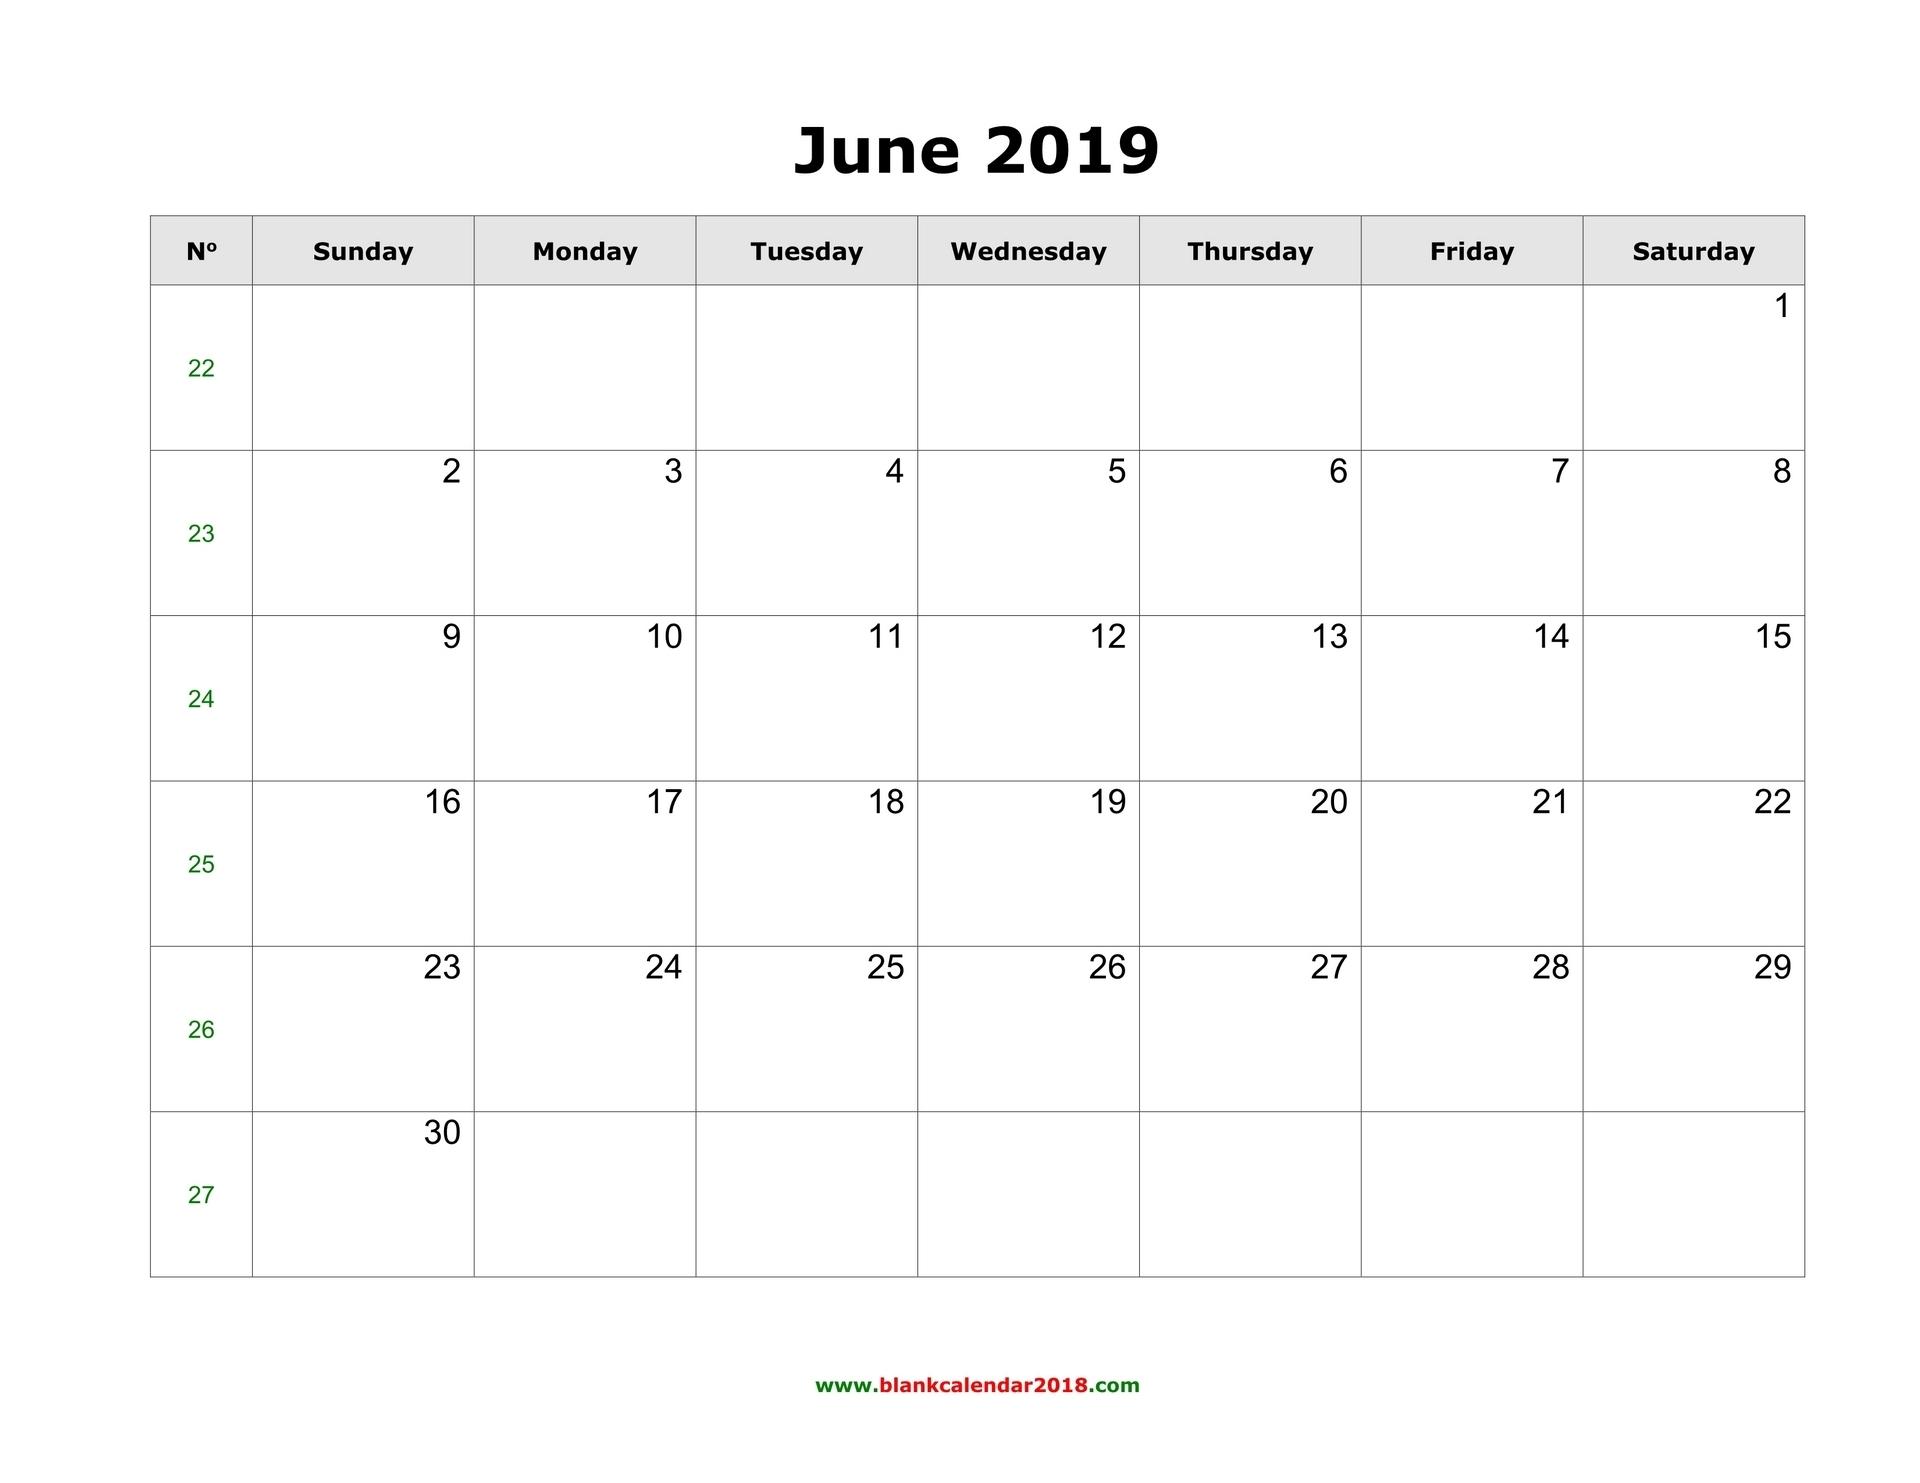 Blank Calendar For June 2019 intended for Editable Calendar July 2019-June 2020